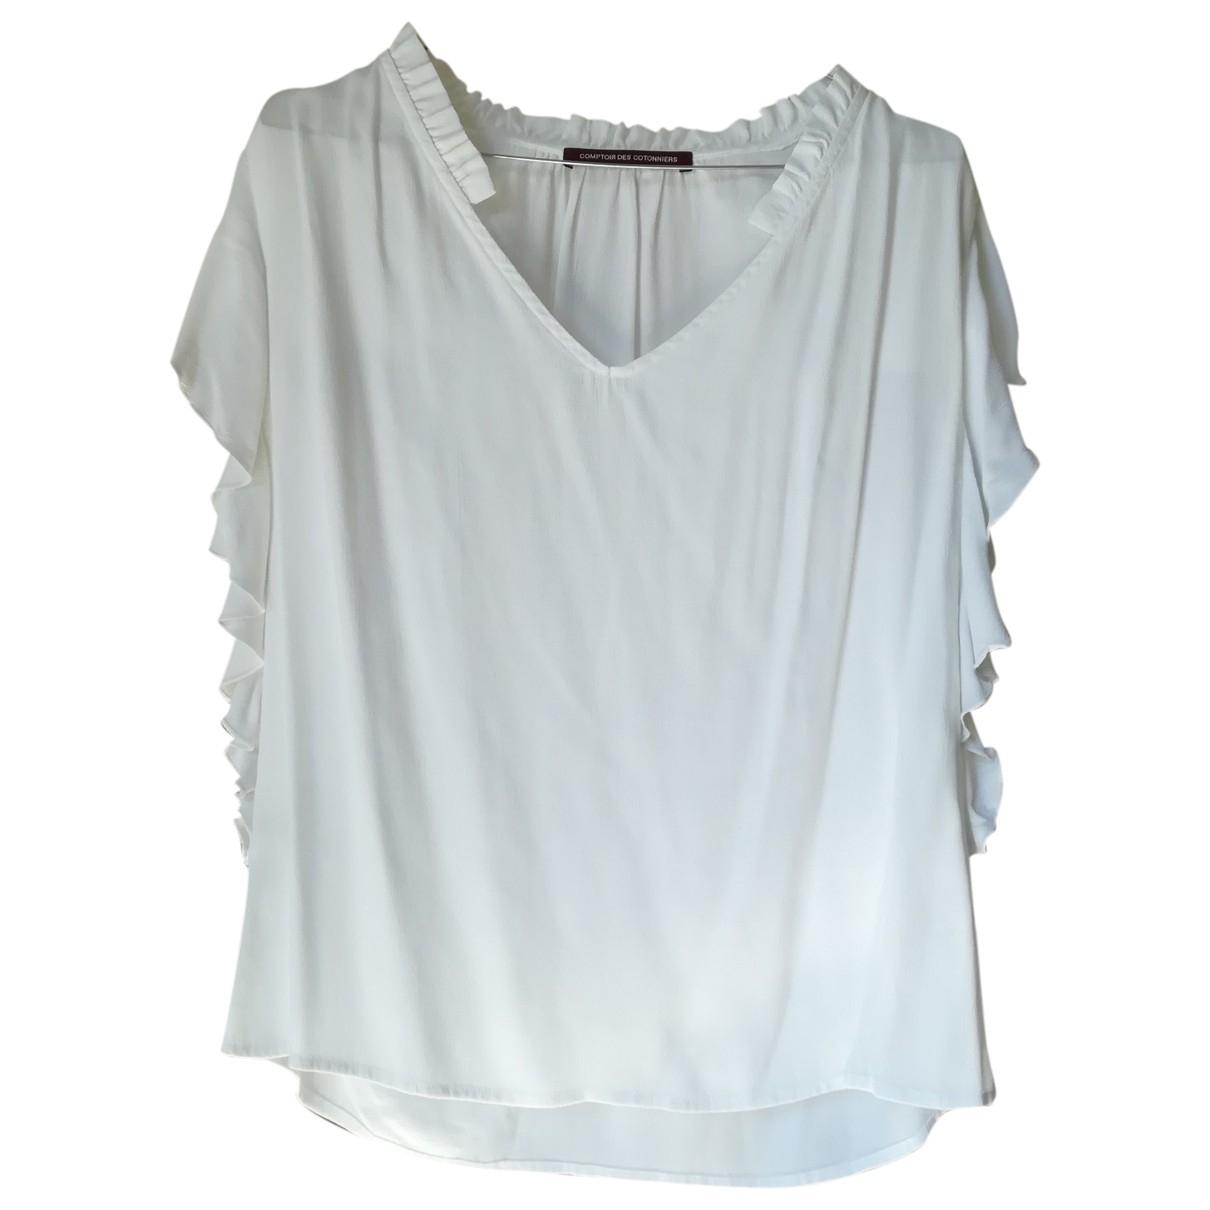 Comptoir Des Cotonniers - Top   pour femme - blanc